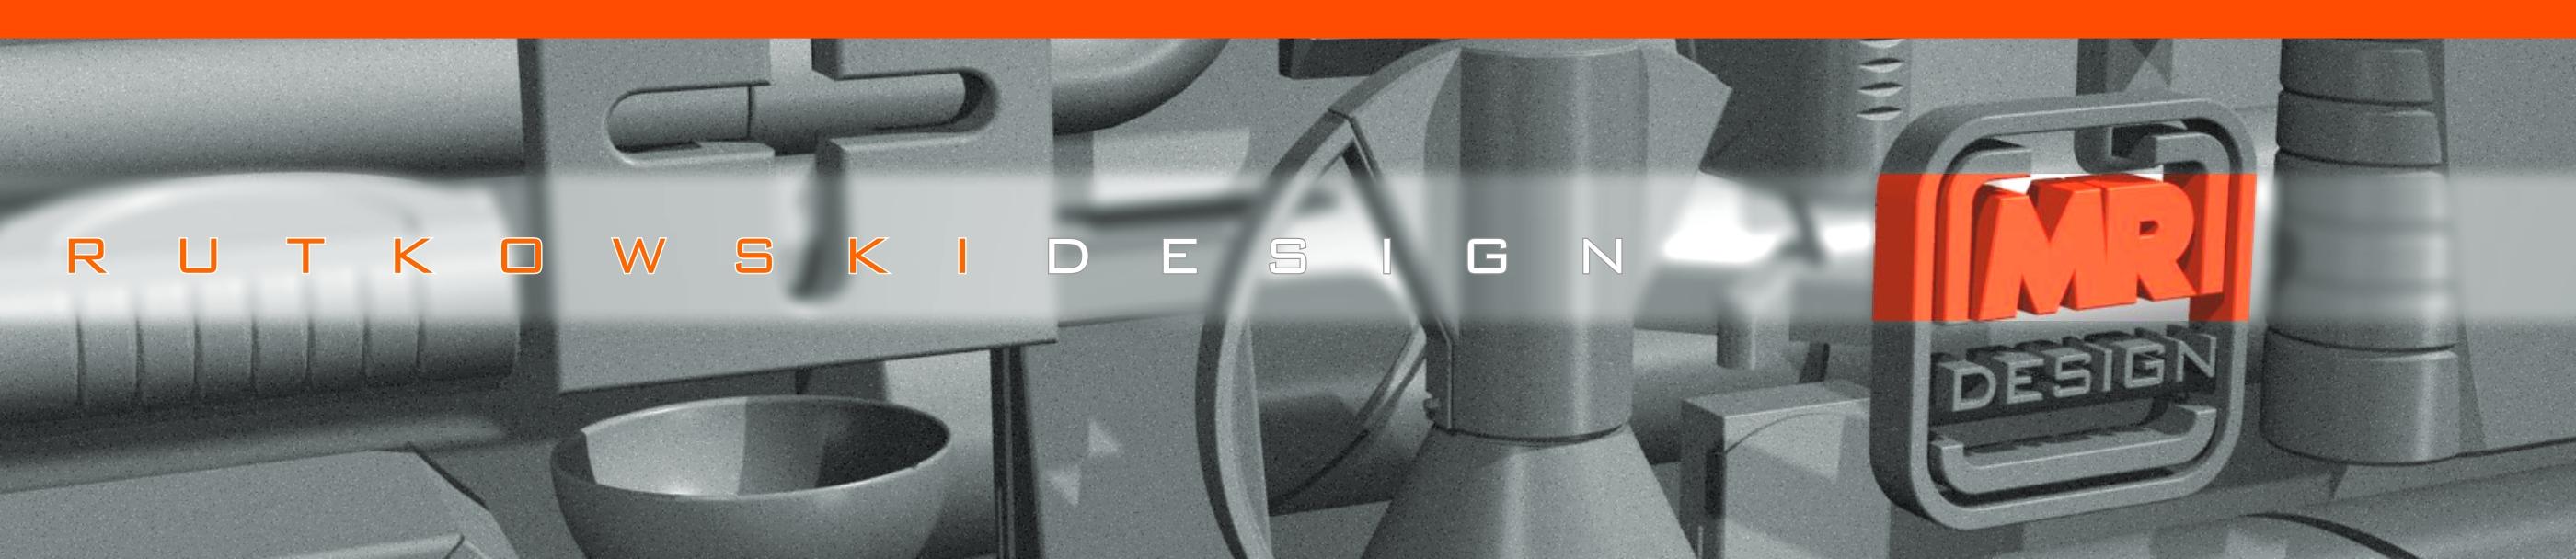 wzornictwo przemysłowe Rutkowski design projektant